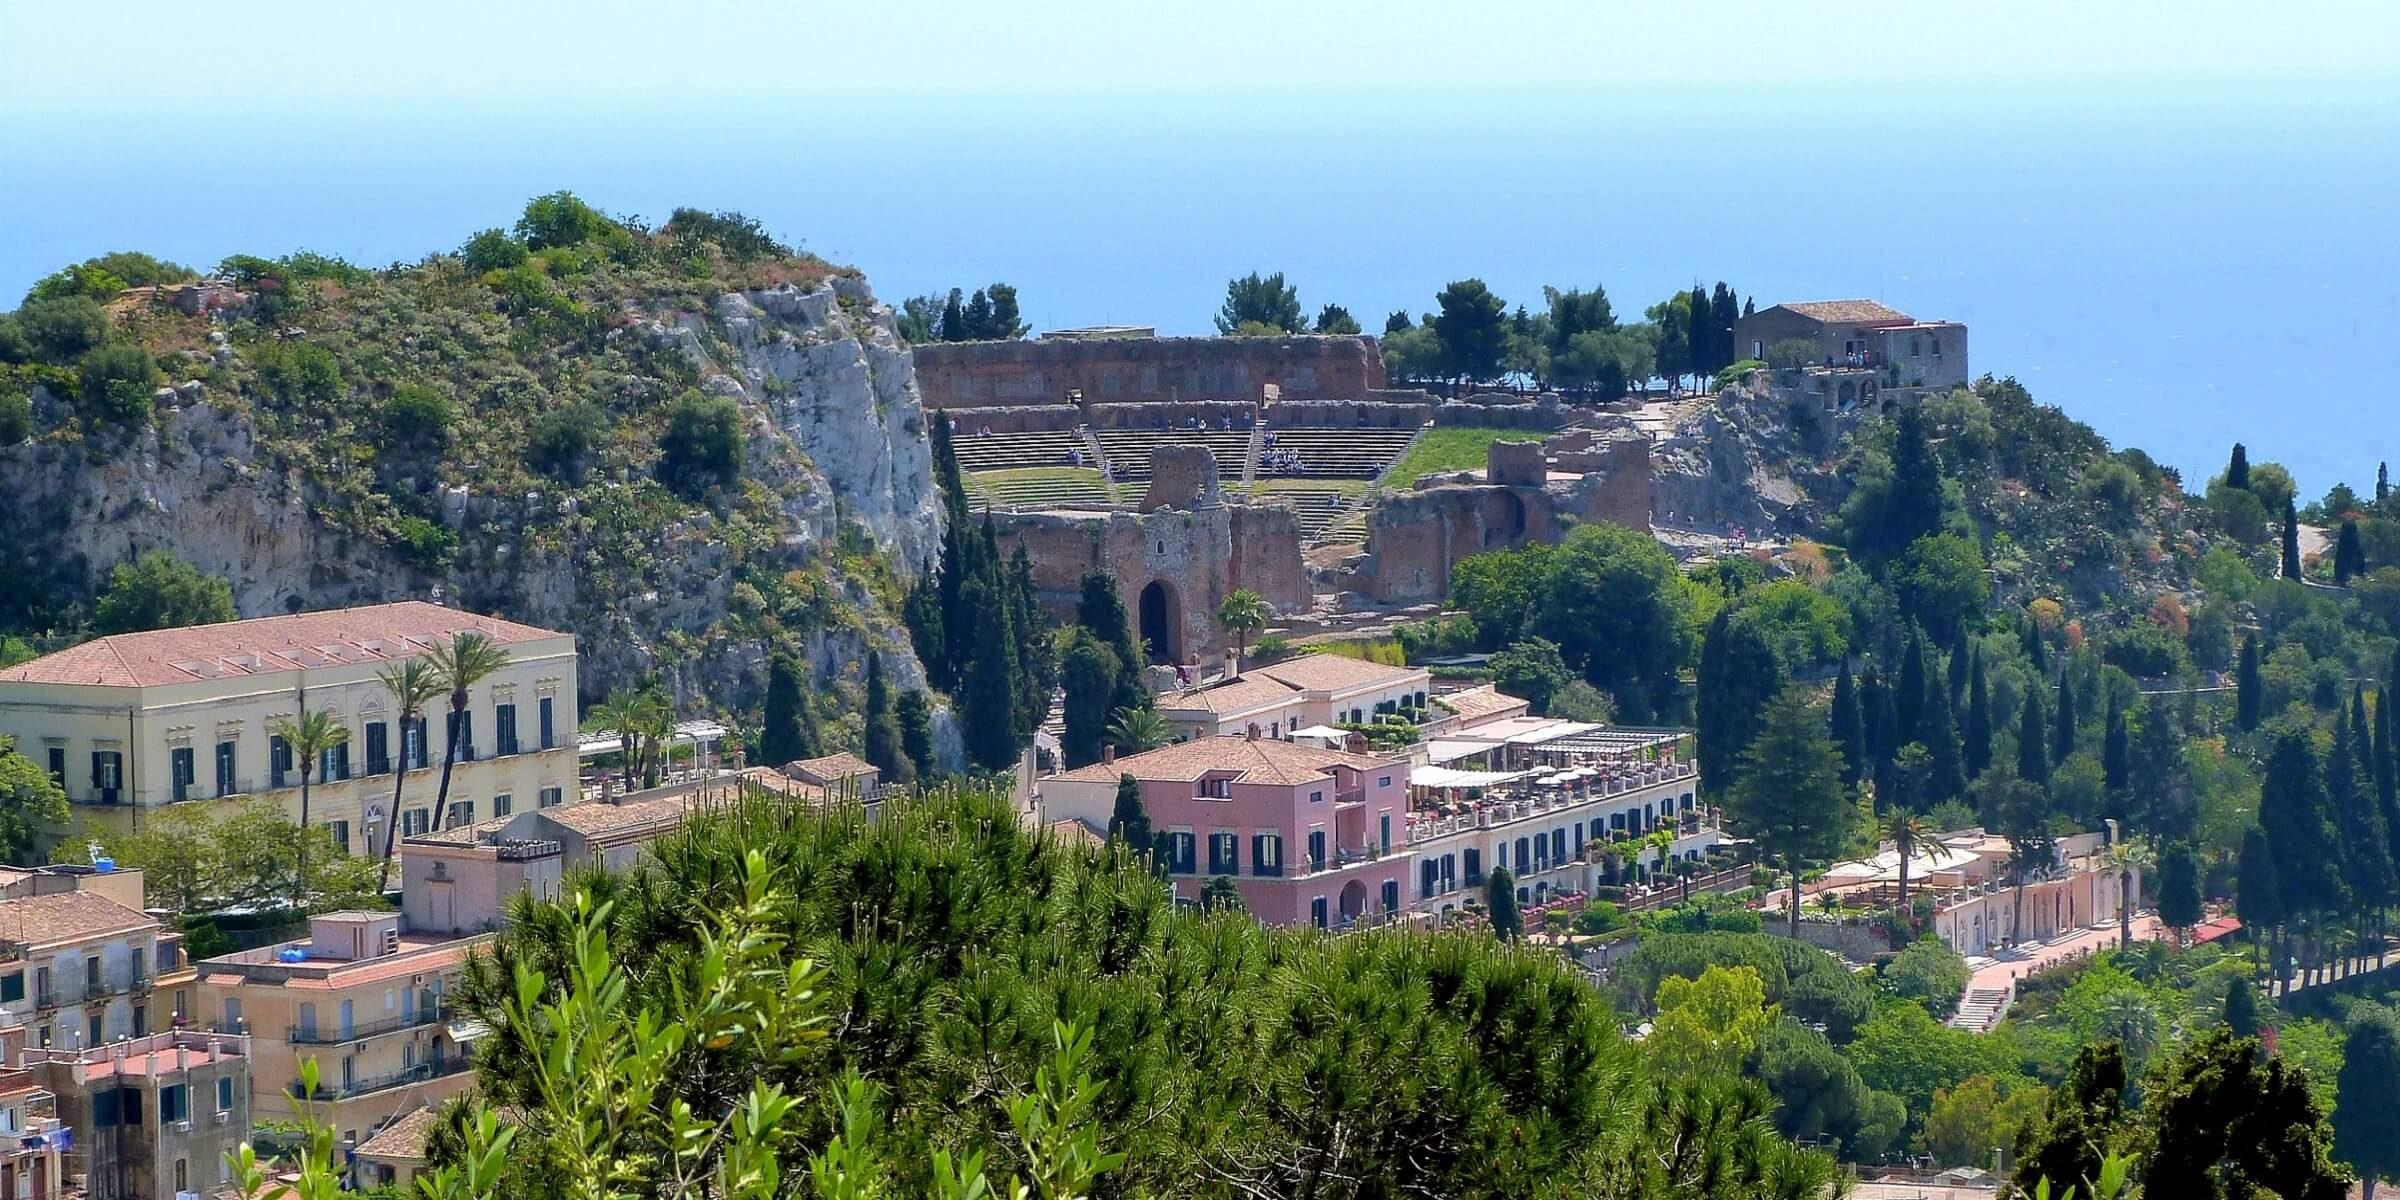 Der Blick vom Castelmola auf Taomina in Sizilien